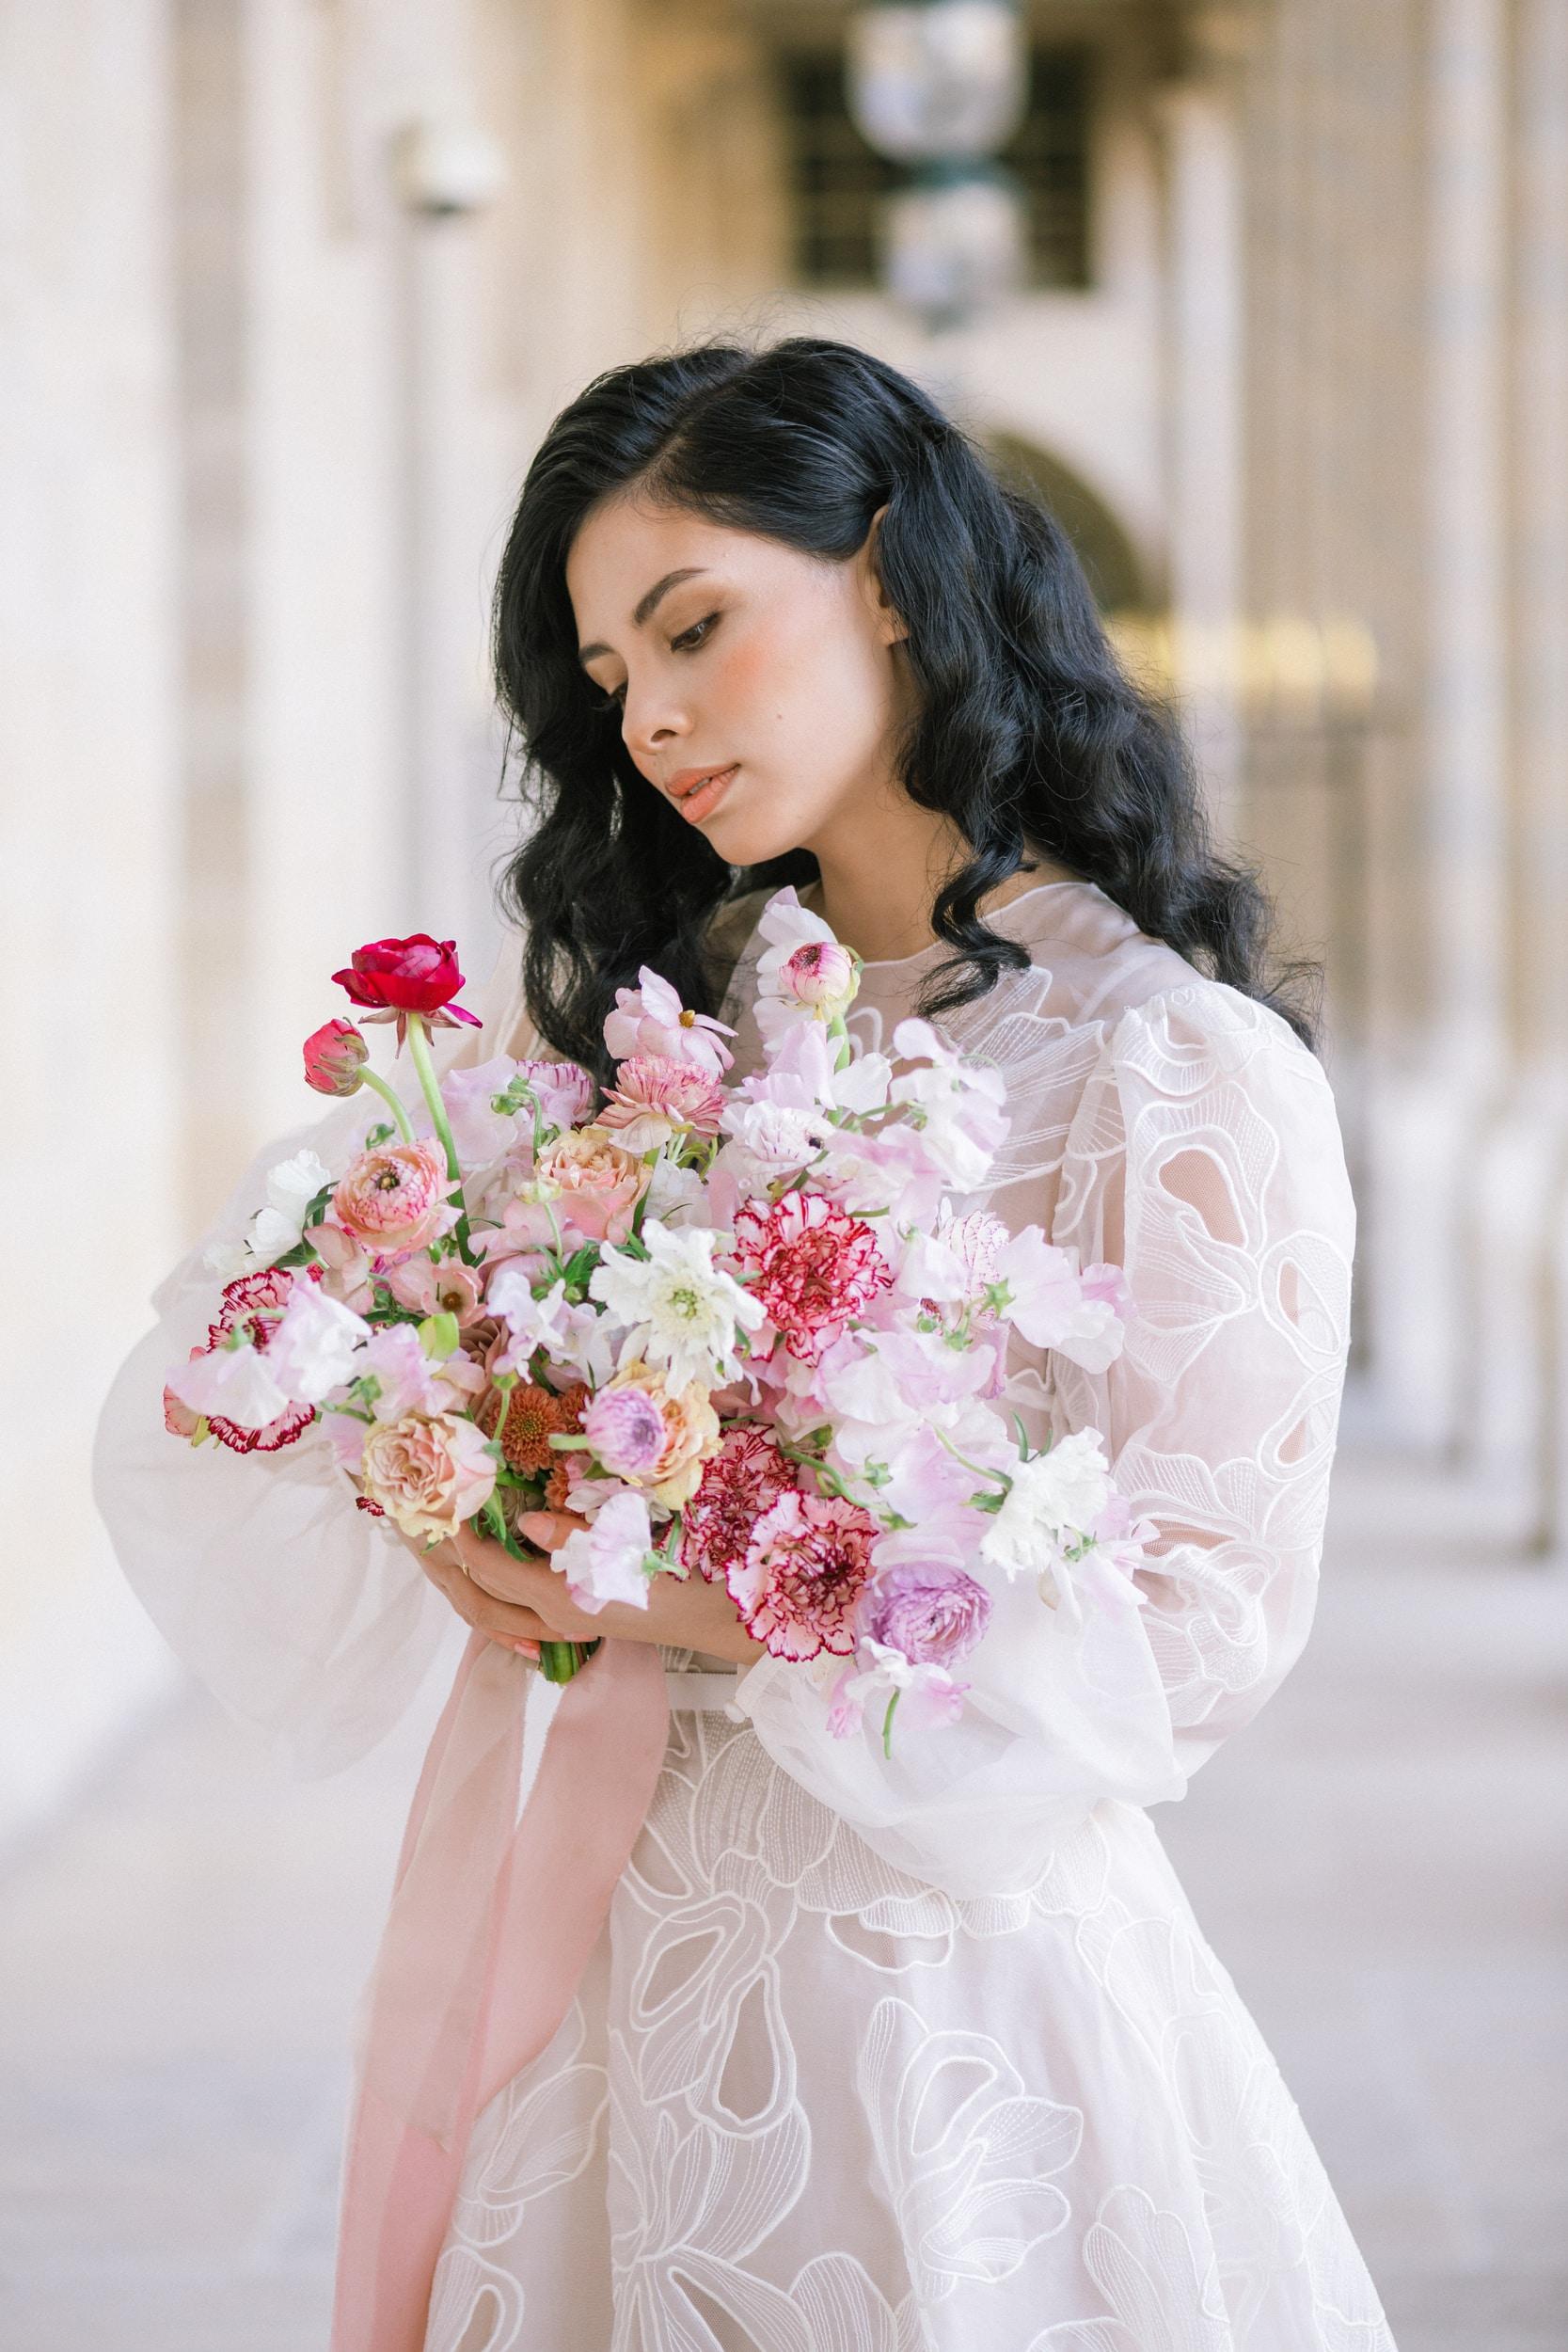 Anais-7999Photographe mariage paris louvre colonne de buren lina raziq